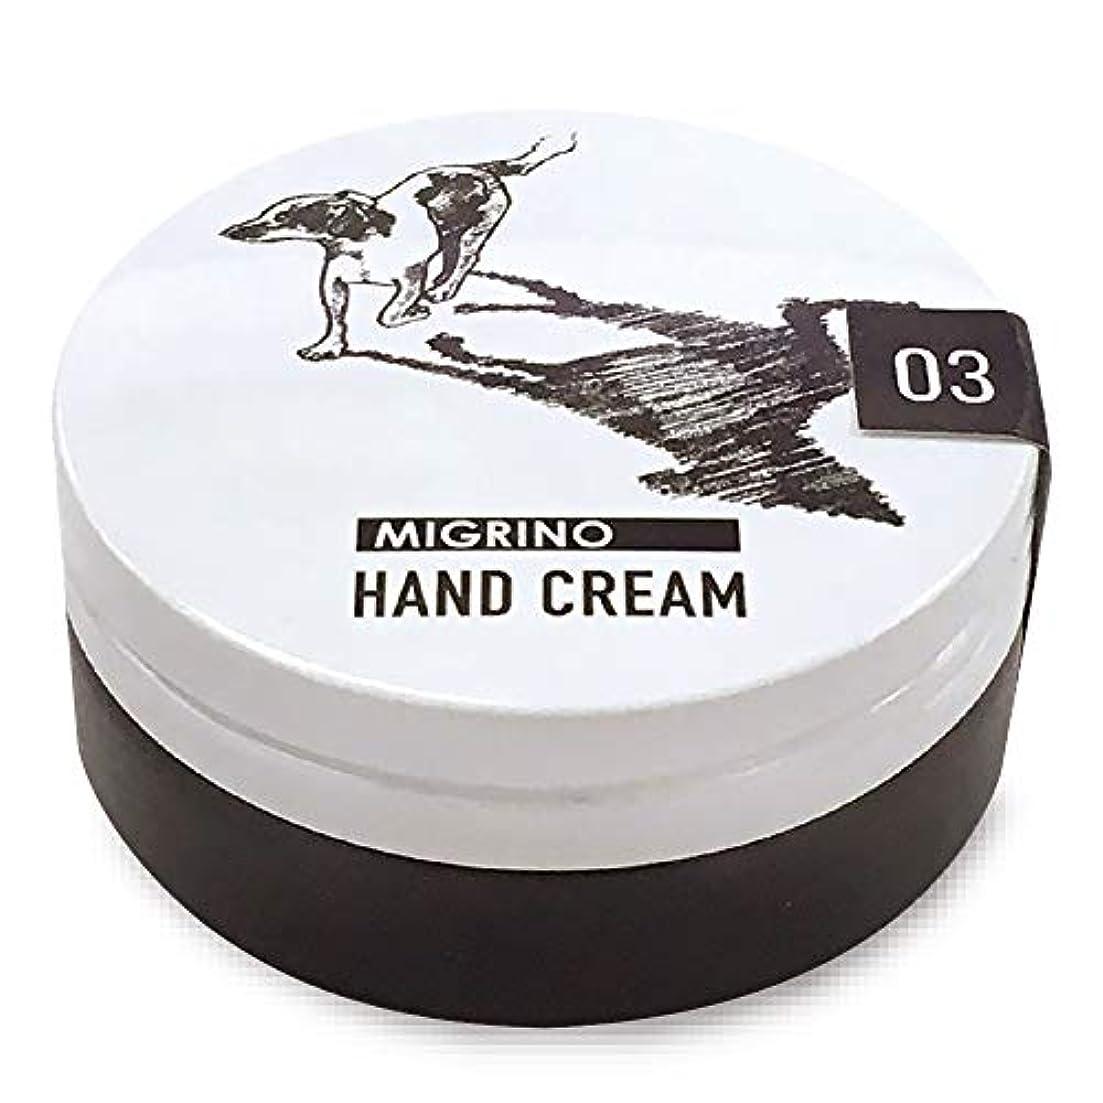 ふつう掻く時間ノルコーポレーション ハンドクリーム PADROL 保湿成分配合 日本製 ベルガモットの香り 60g PAD-9-03